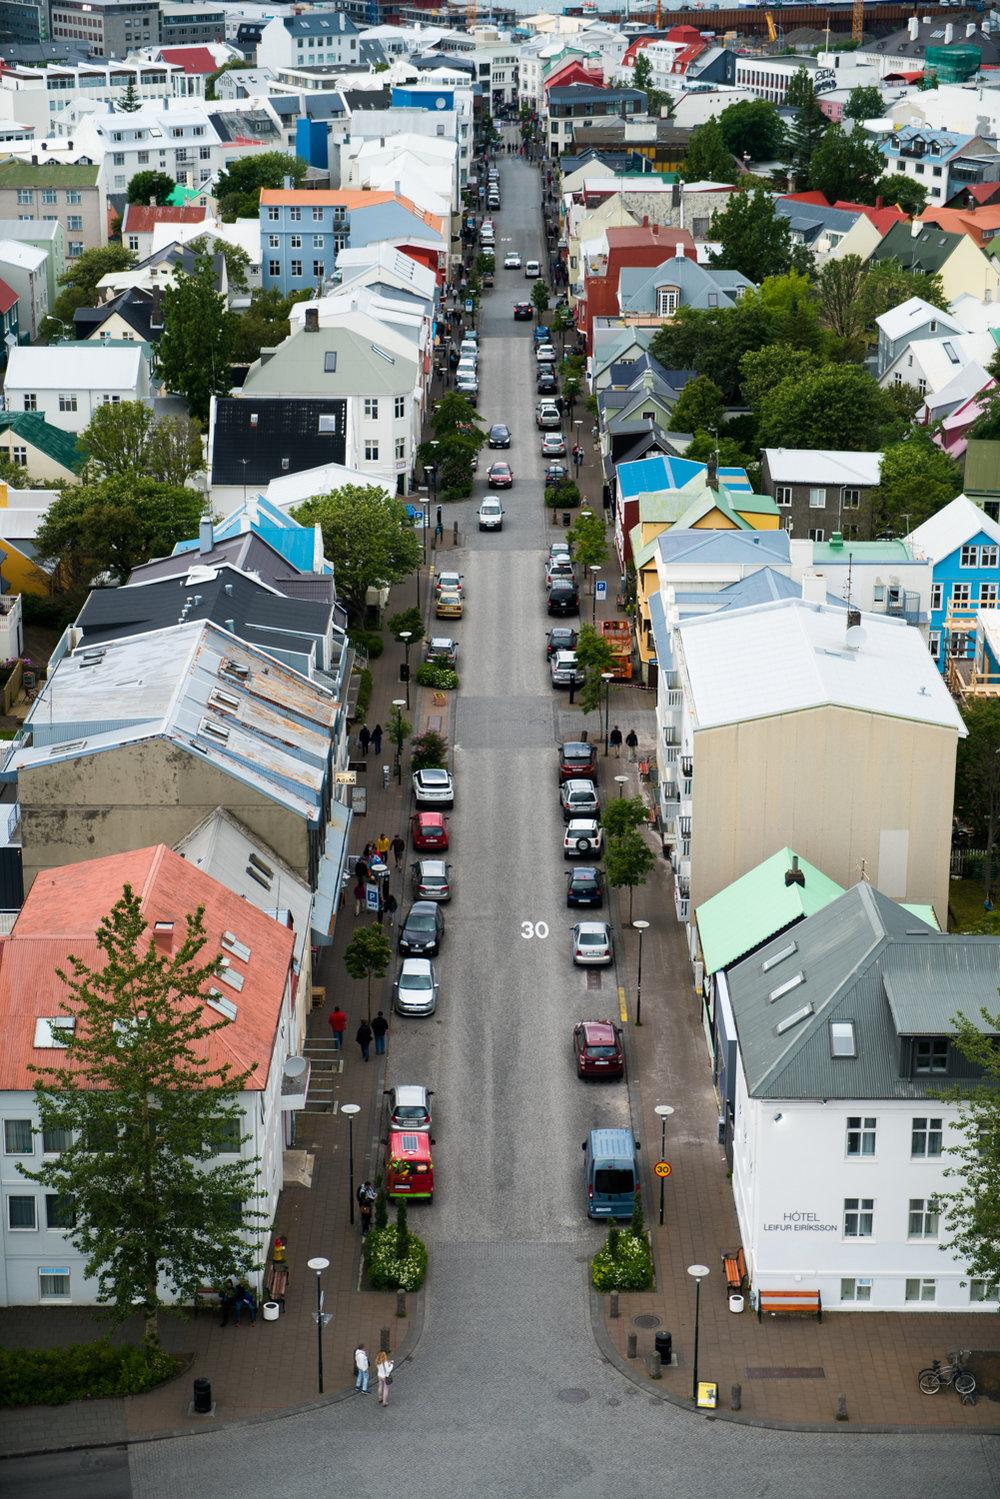 reykjavik iceland Hallgrímskirkja austin paz